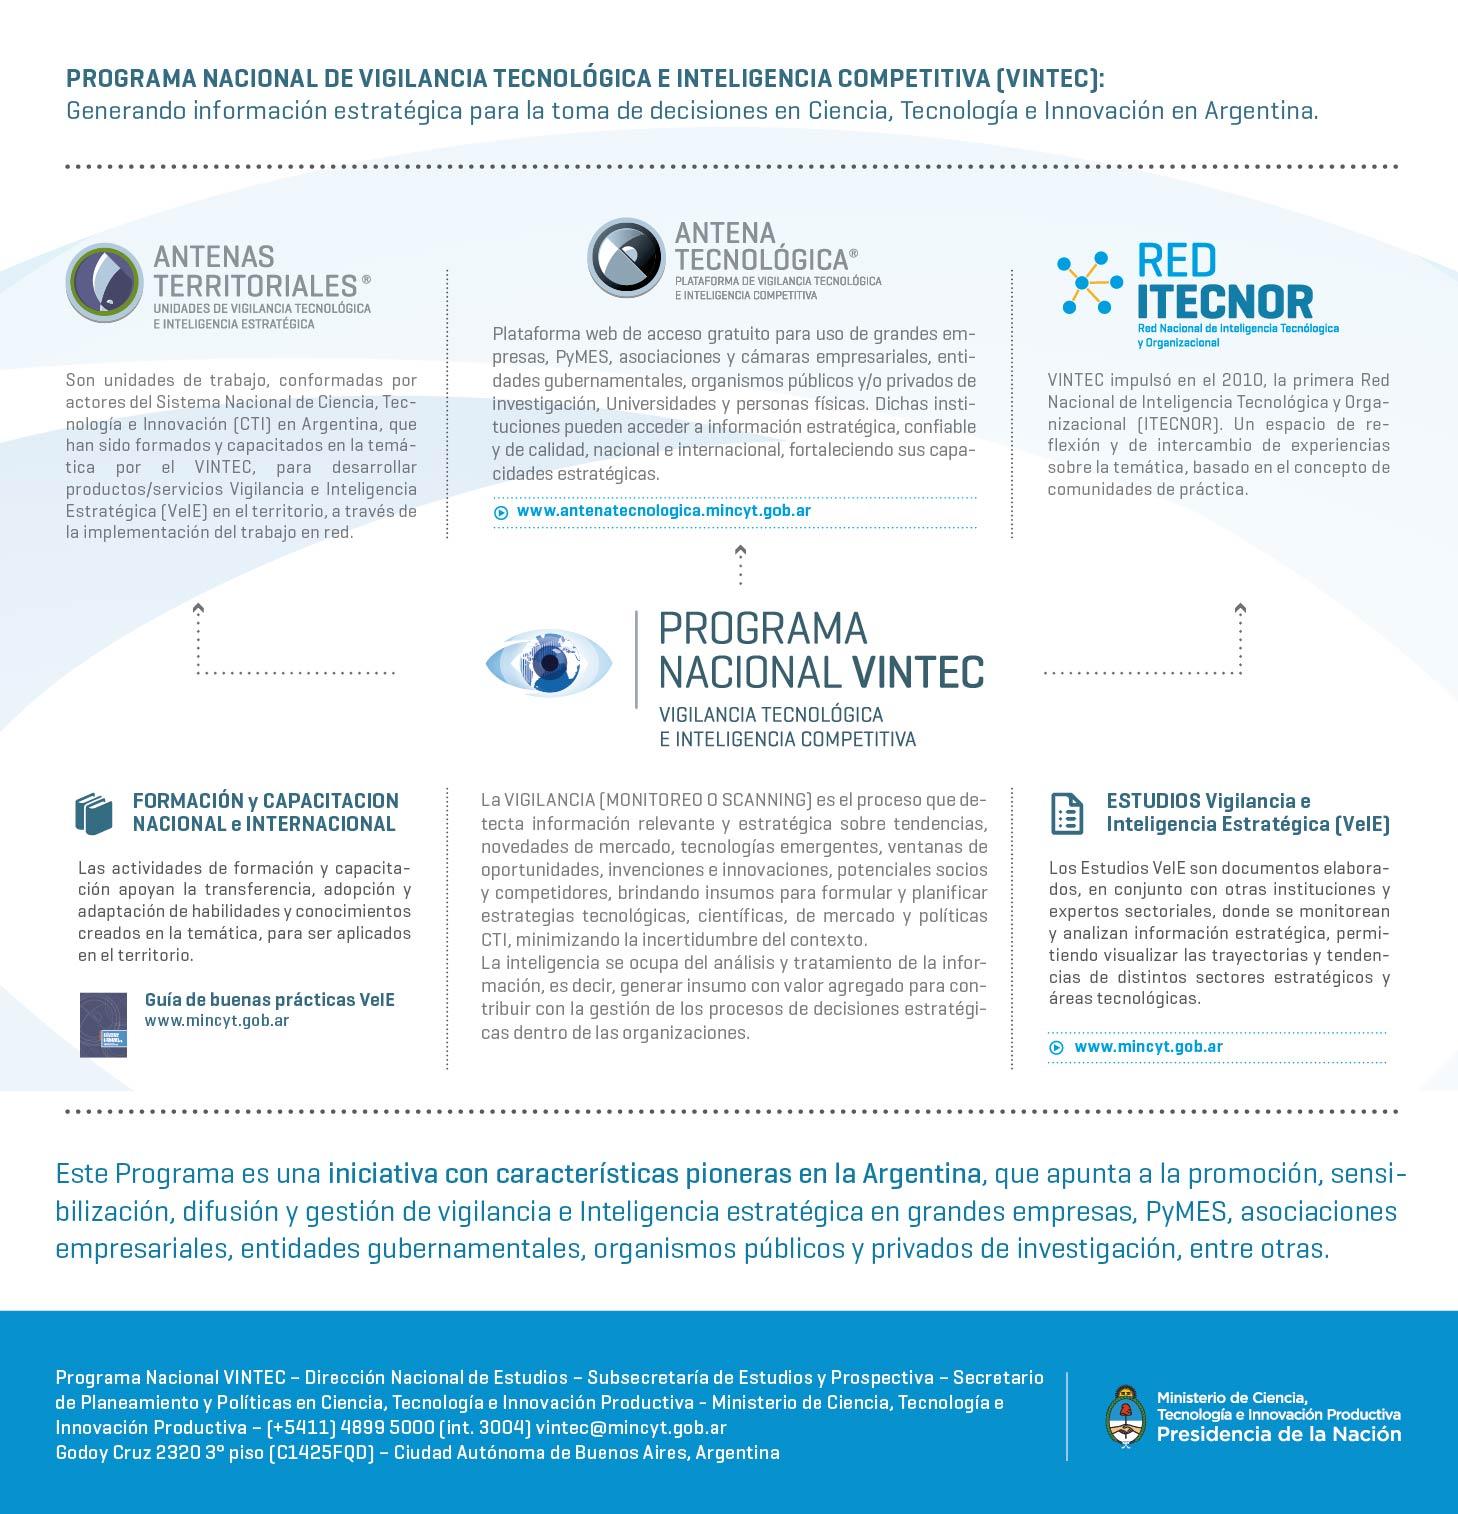 Curso de Formación y capacitación sobre Vigilancia Tecnológica e Inteligencia Estratégica en el campo de la investigación y desarrollo de proyectos